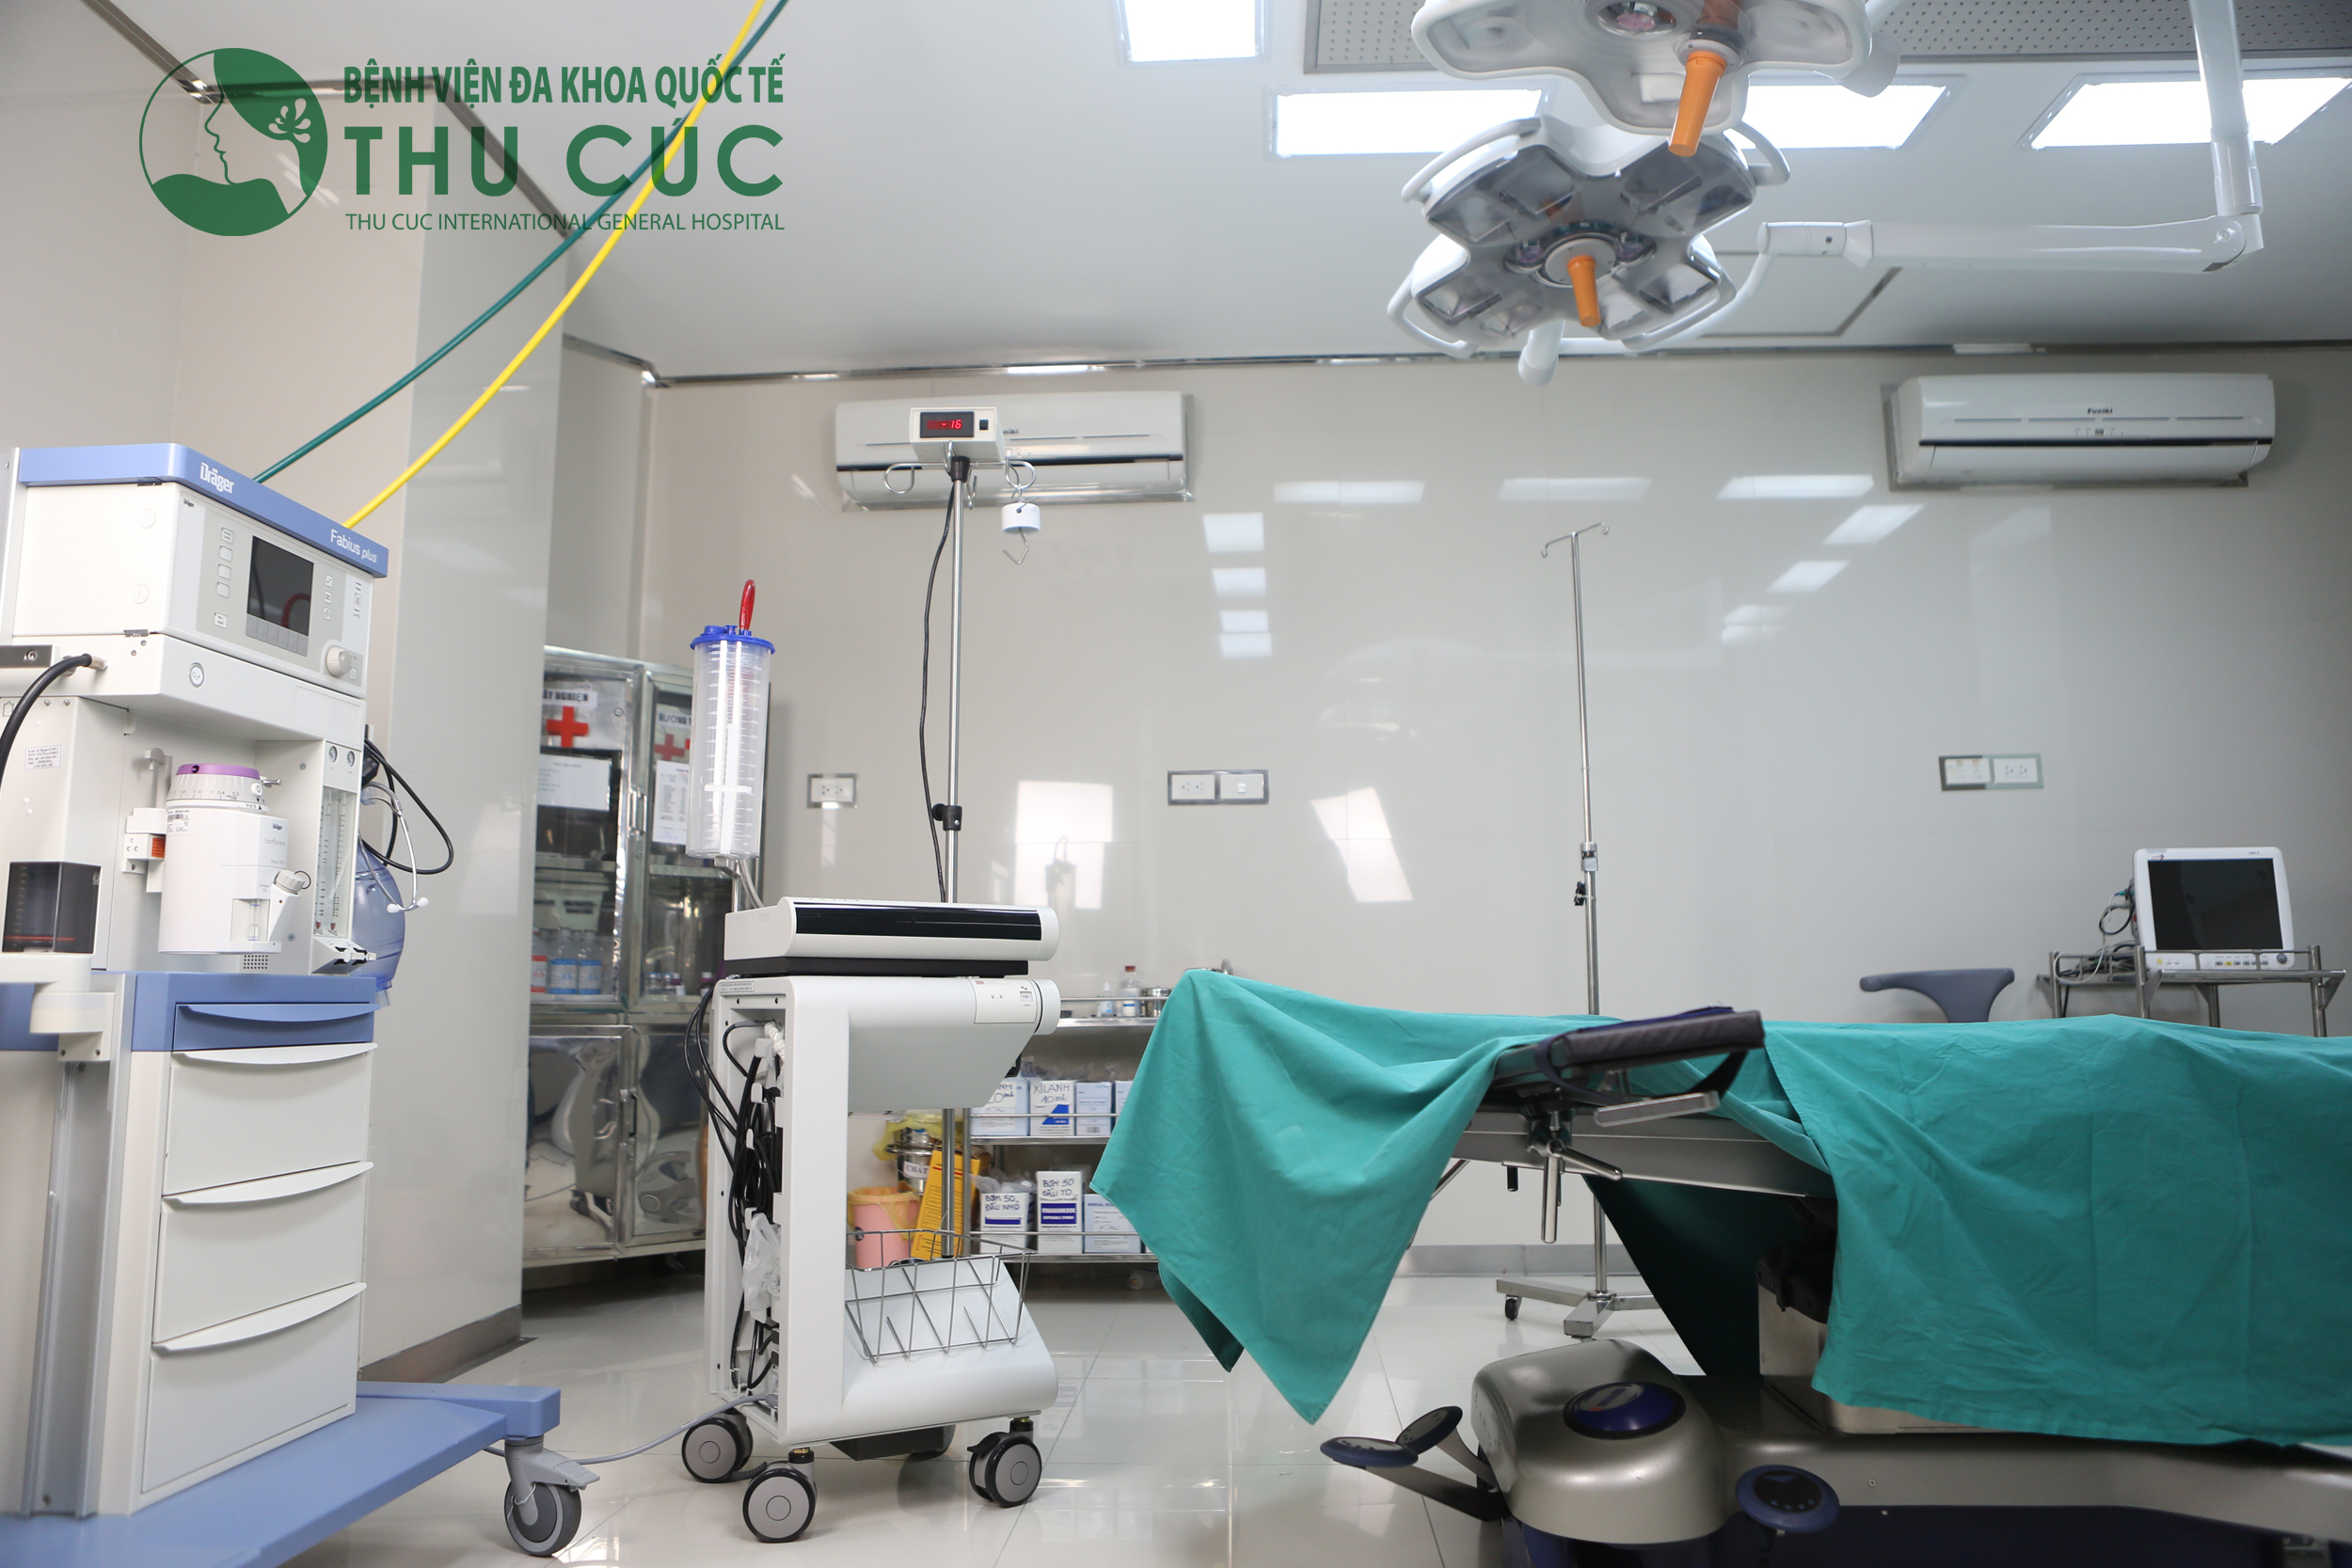 Bệnh viện Thu Cúc được trang bị hệ thống phòng mổ vô khuẩn một chiều tân tiến bậc nhất giúp việc phẫu thuật trĩ đạt hiệu quả cao nhất.